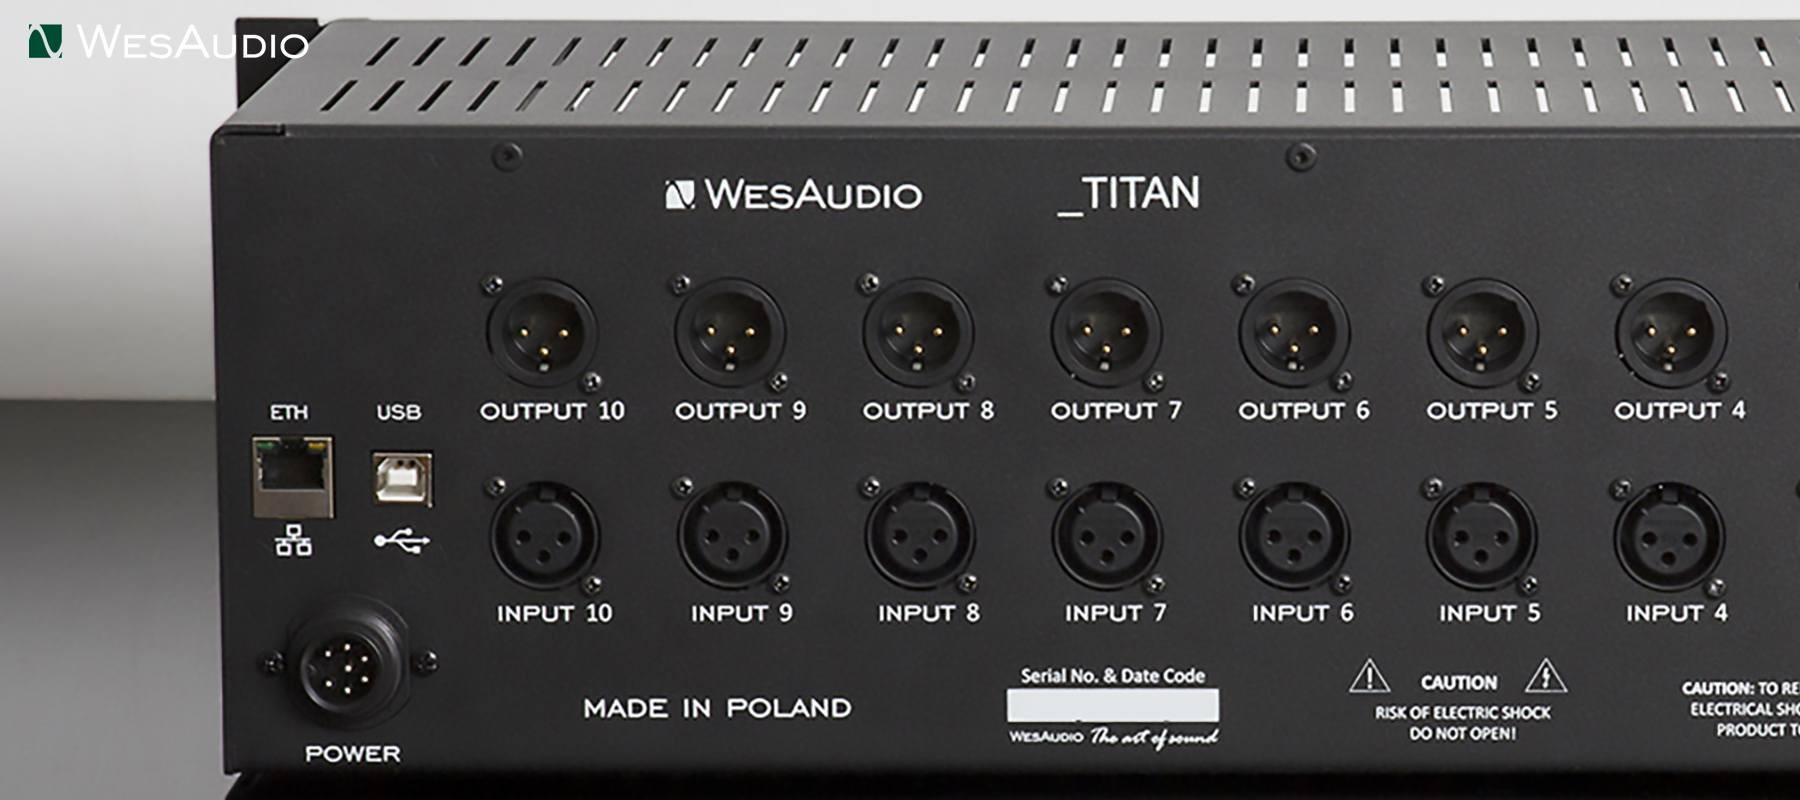 WesAudio Titan